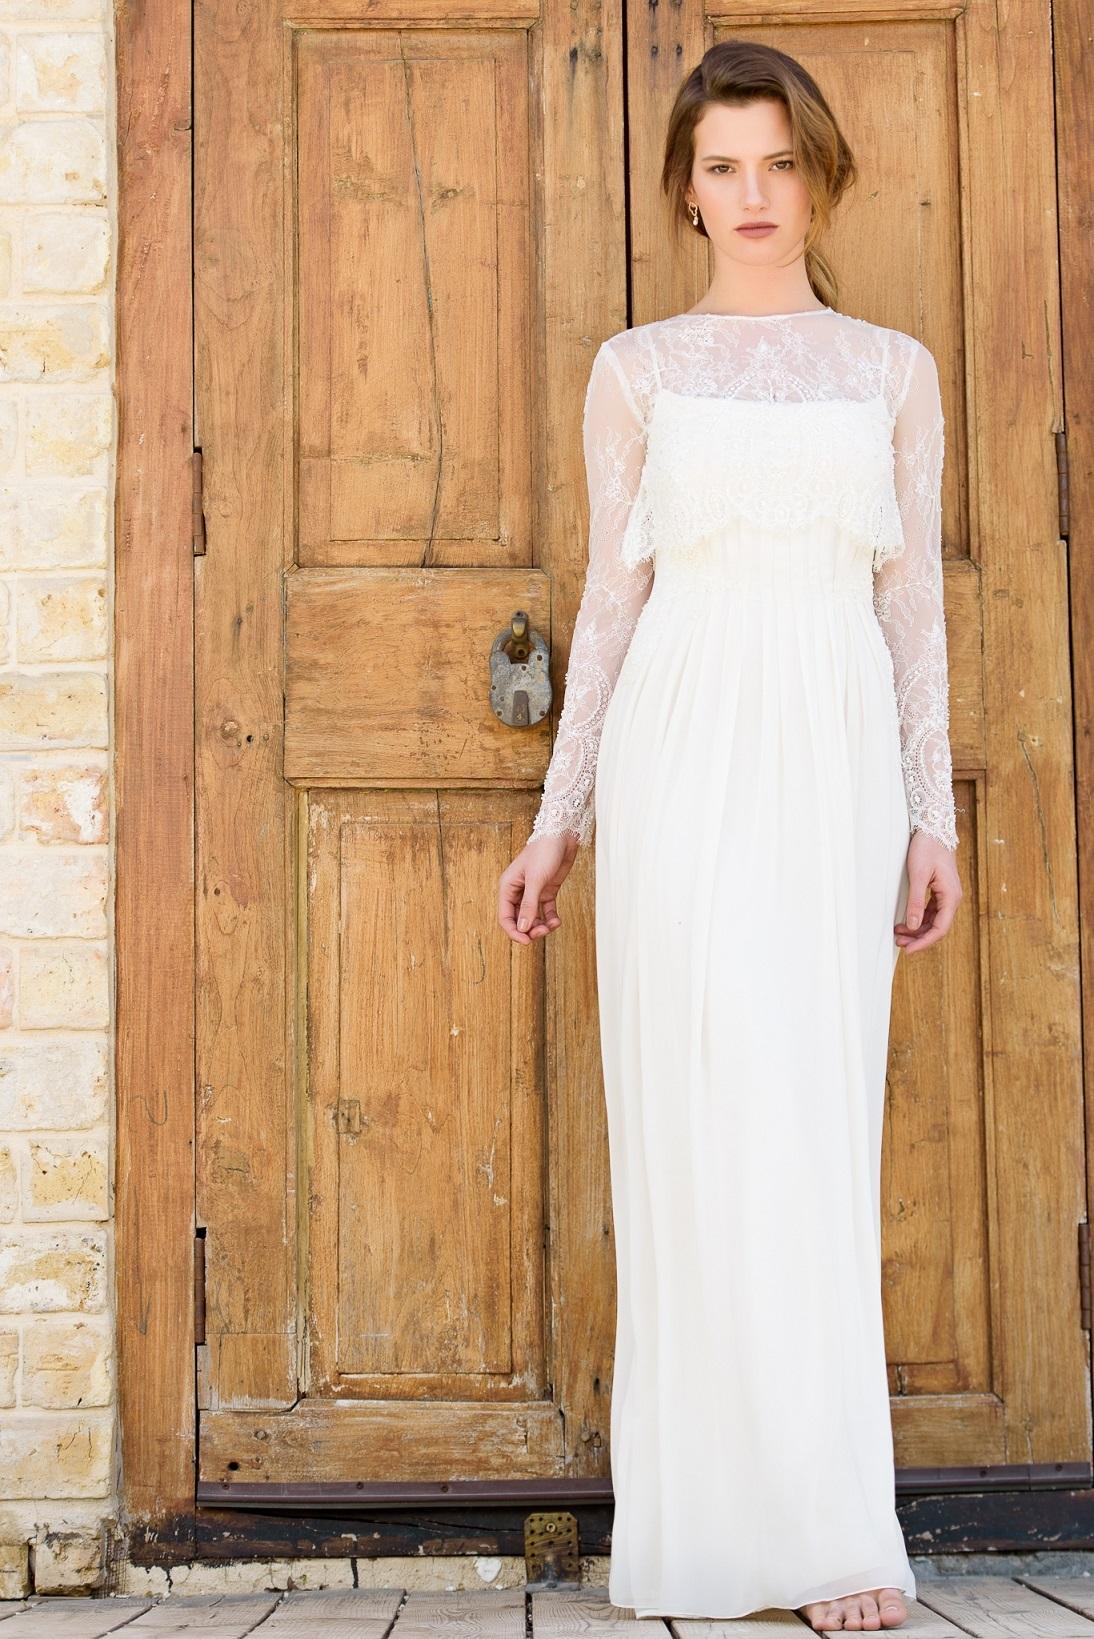 שמלות כלה של אלה עובד, החל מ-2000 שח, להשיג ביריד מקודשת, 8-9 במאי, זבולון המר 4 גבעת שמואל, יחצ